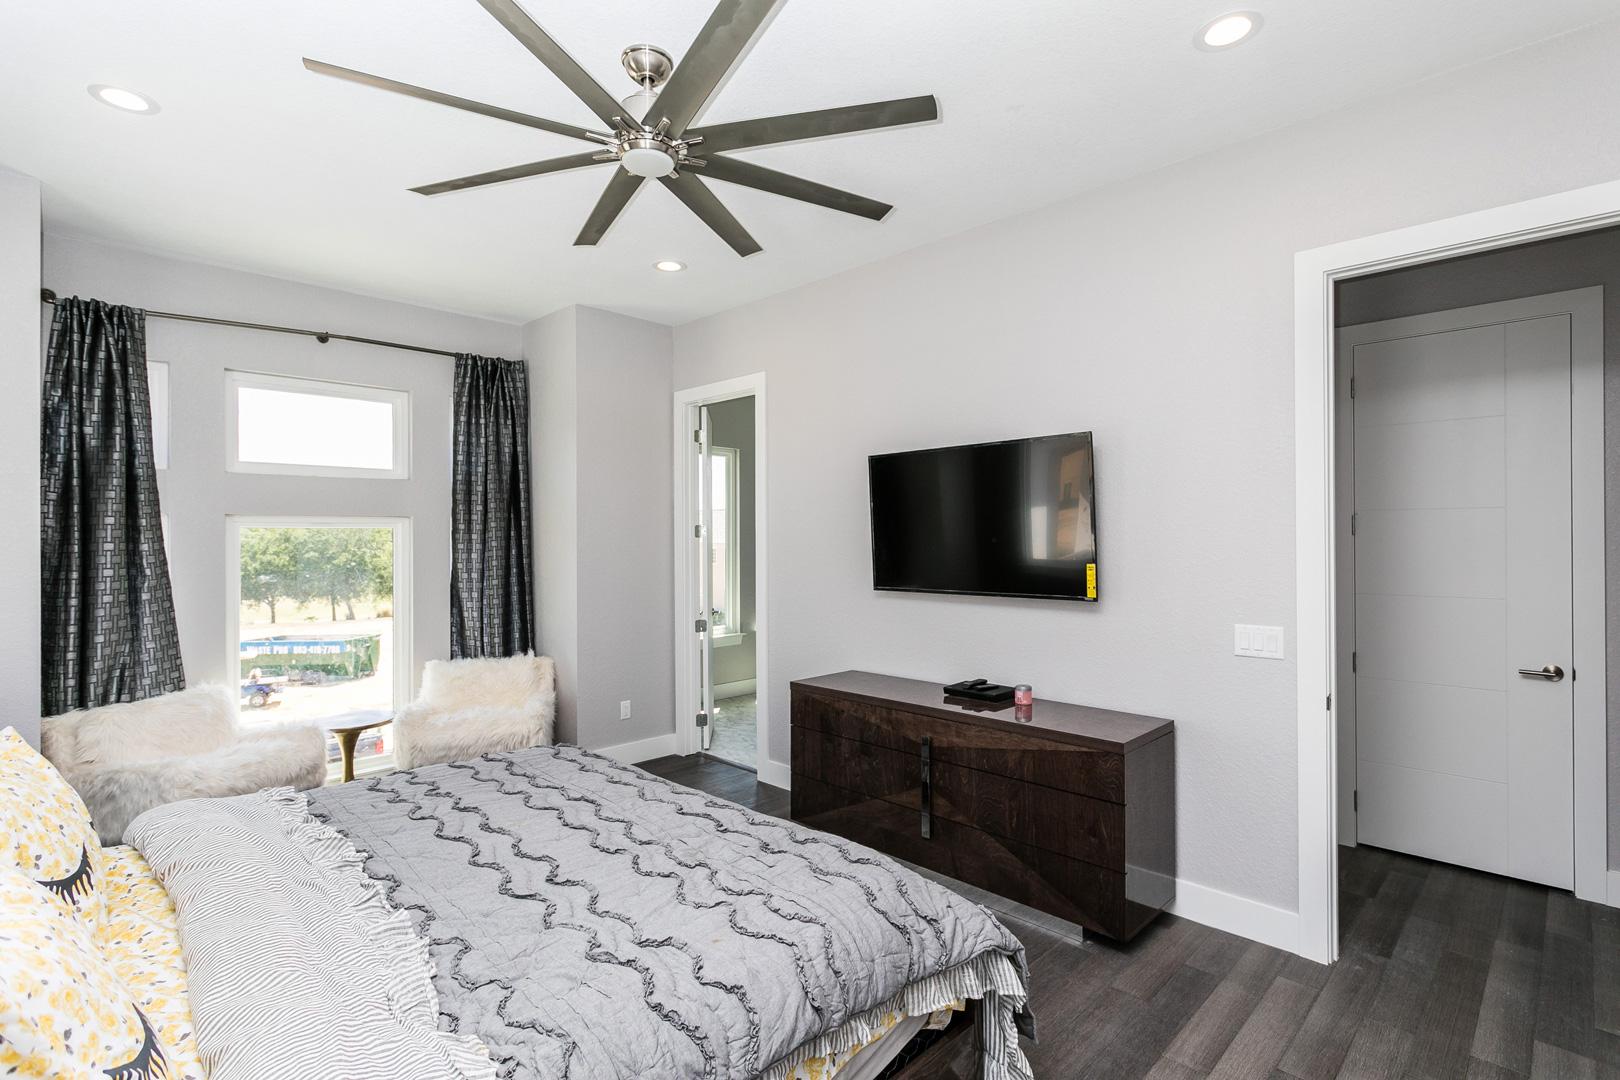 Bedrooms9